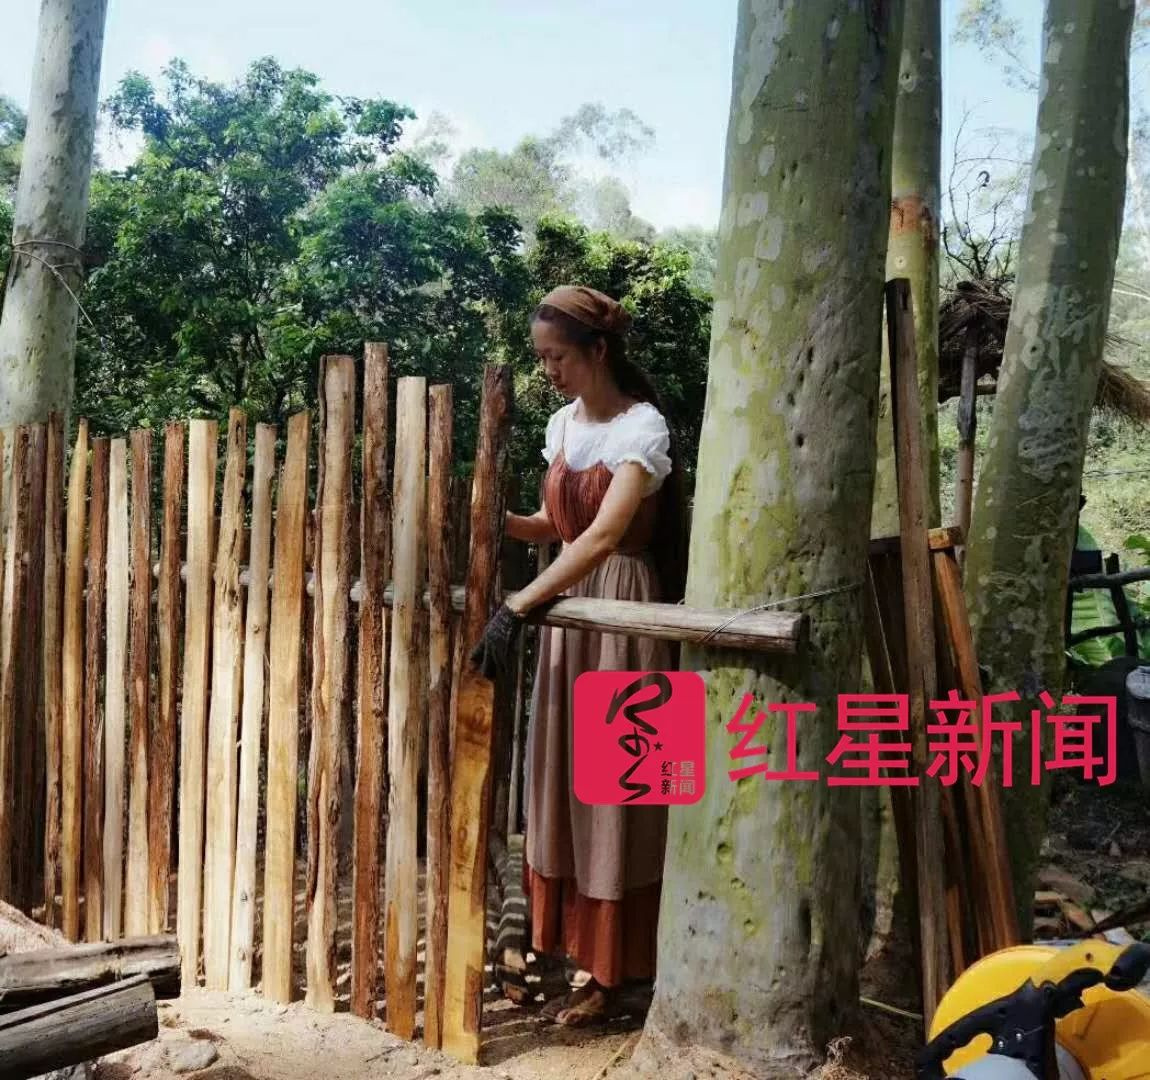 中國「現代灰姑娘」 體驗價人民幣288元